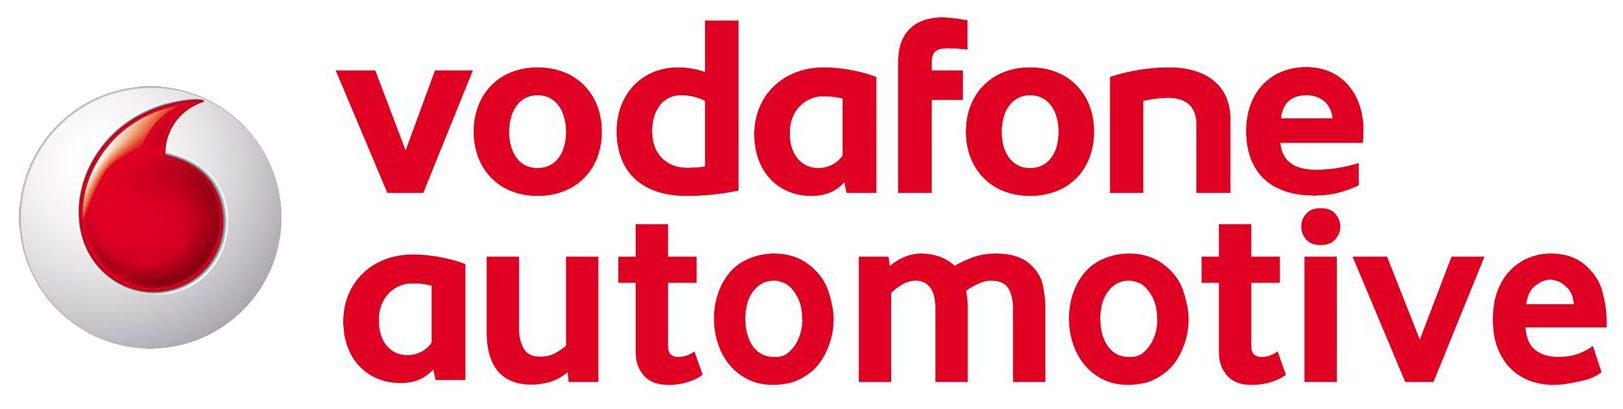 Vodafone Automotive confía en 101Racing para la instalación de GPS y alarmas